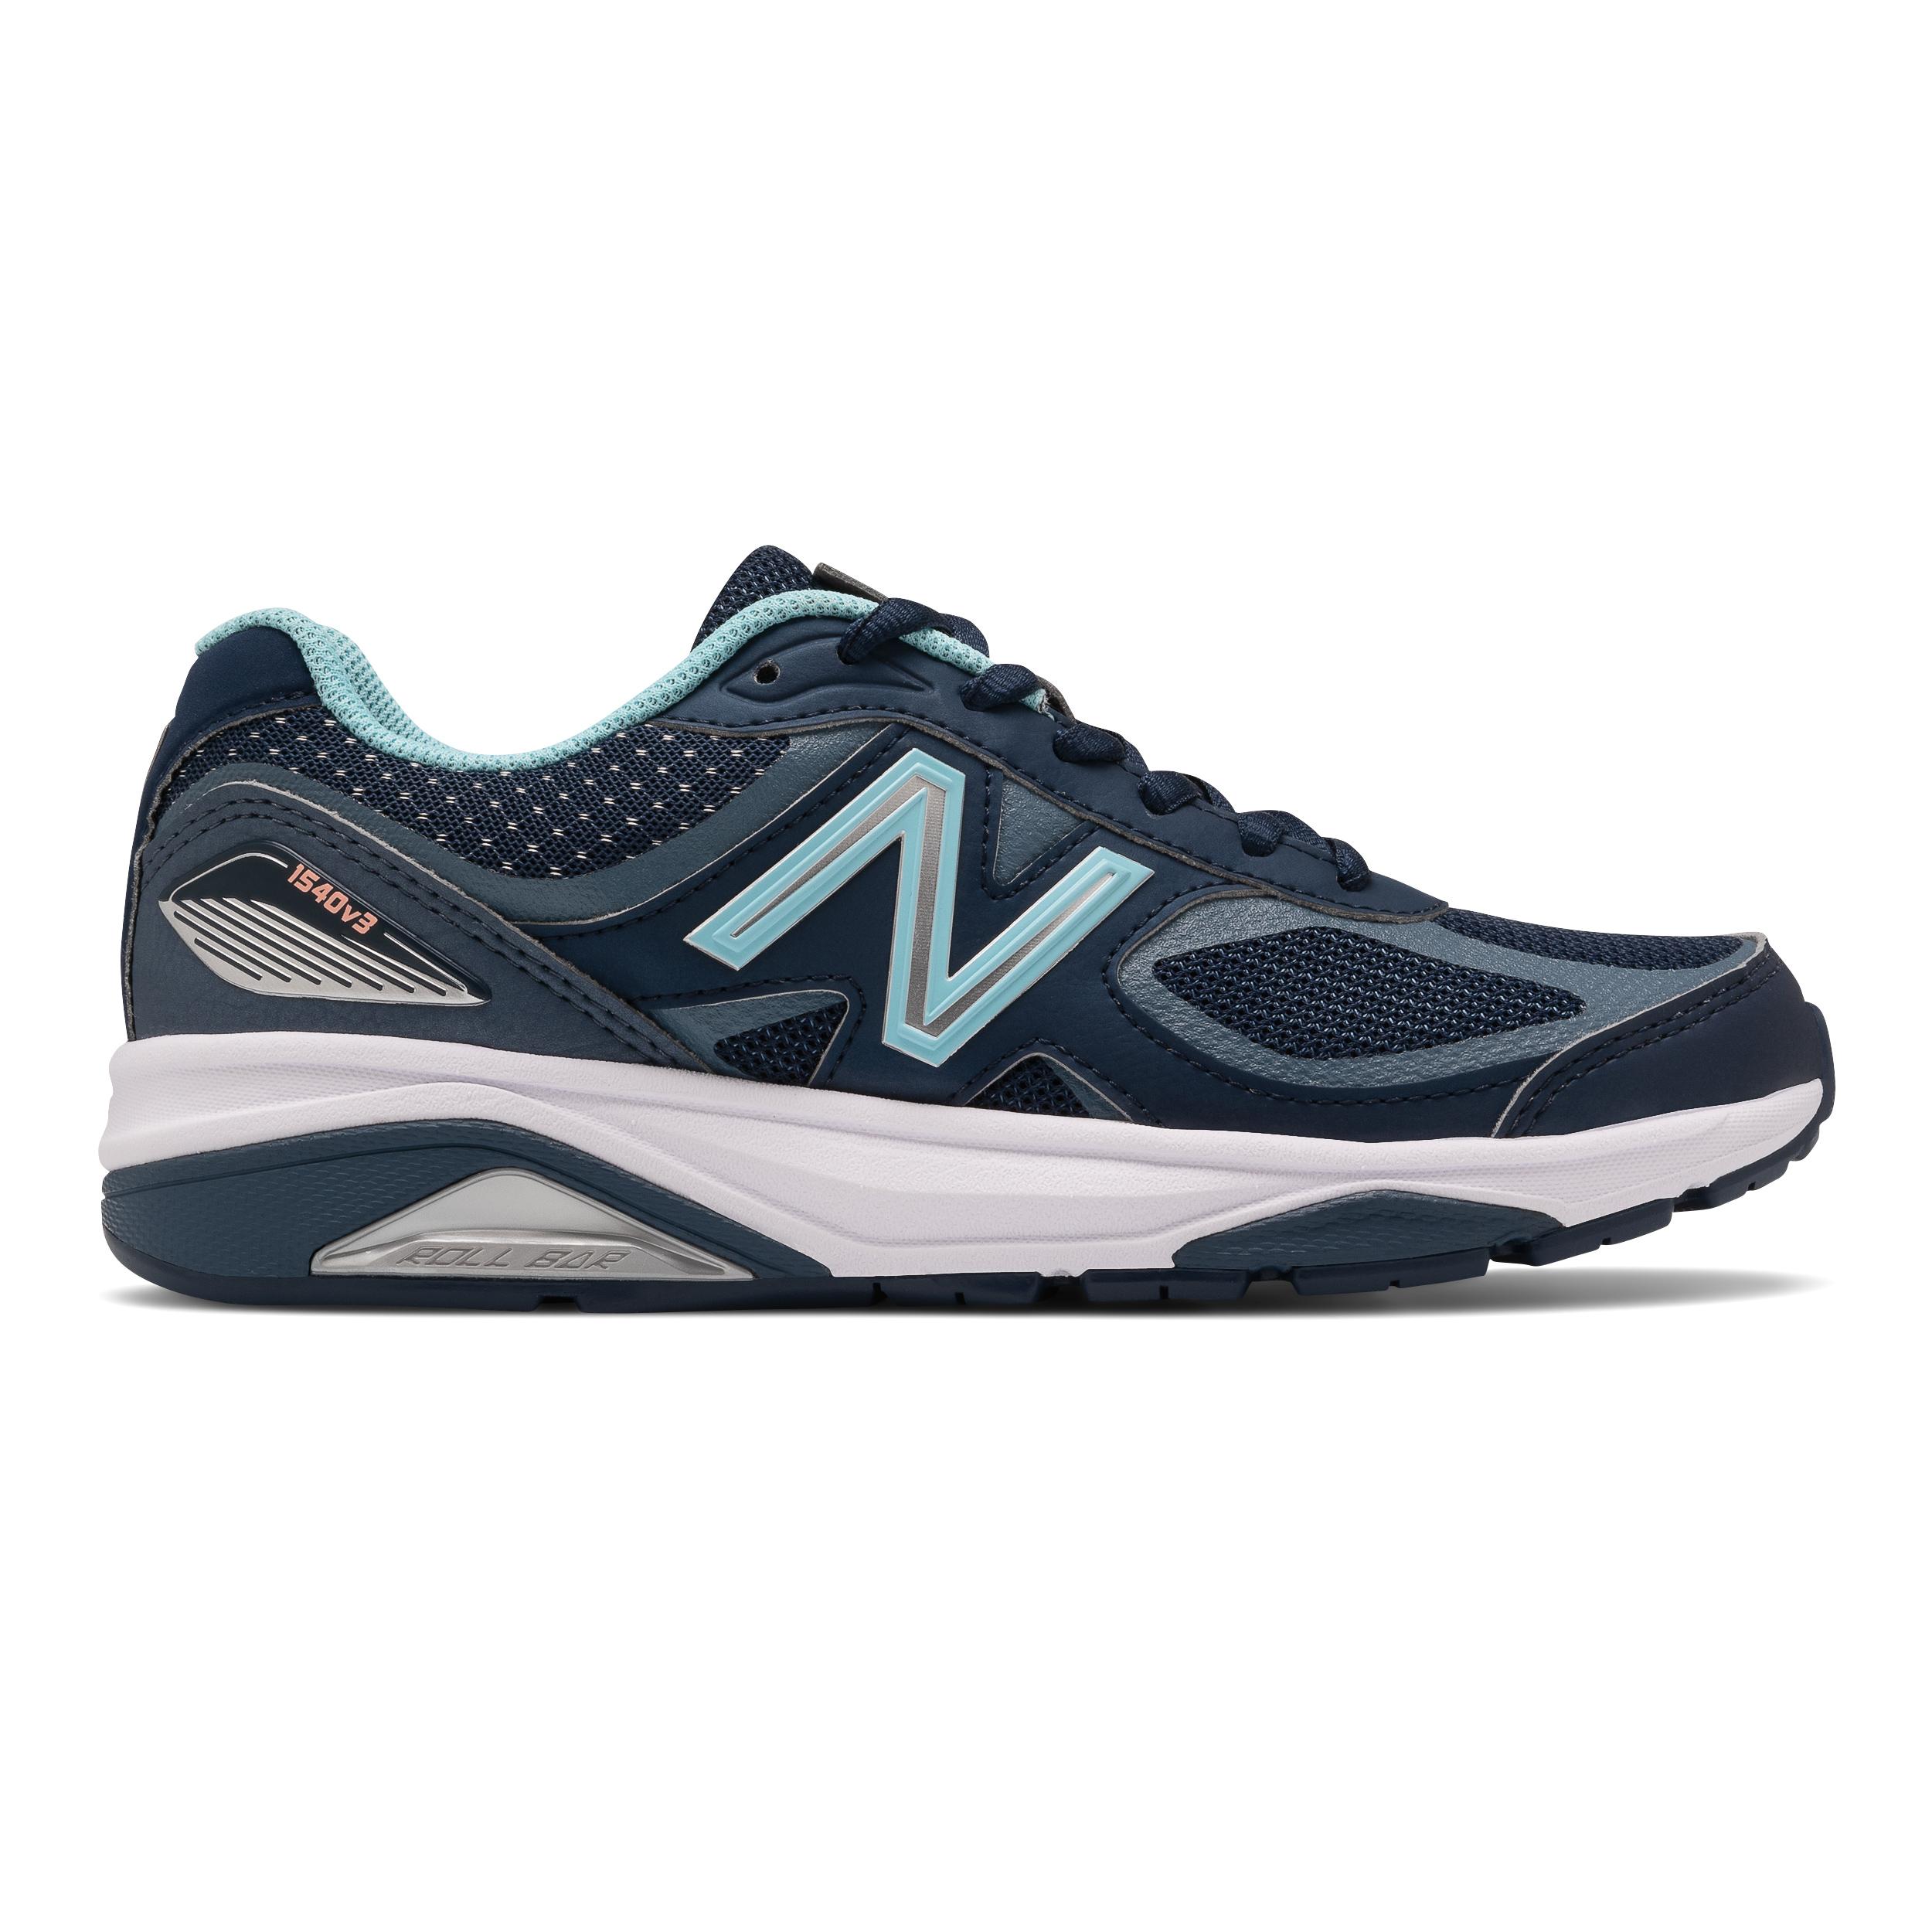 New Balance 1540v3 | ShoeStores.com